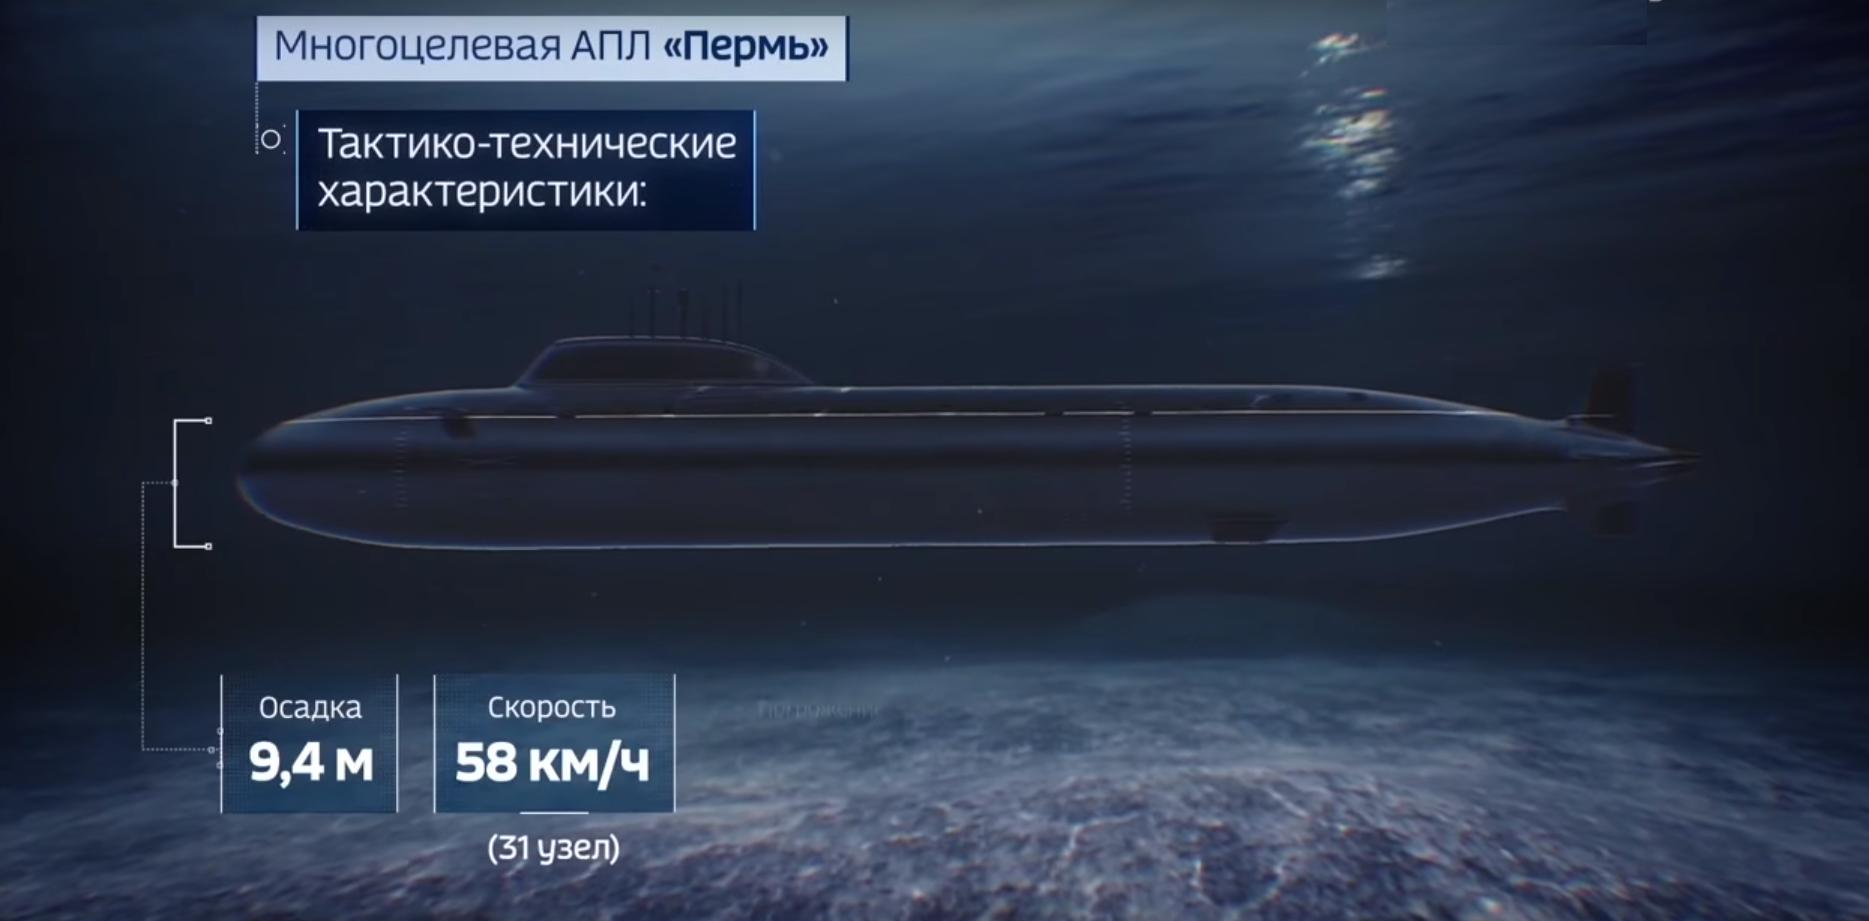 АПЛ «Пермь»: ренессанс российского атомного флота